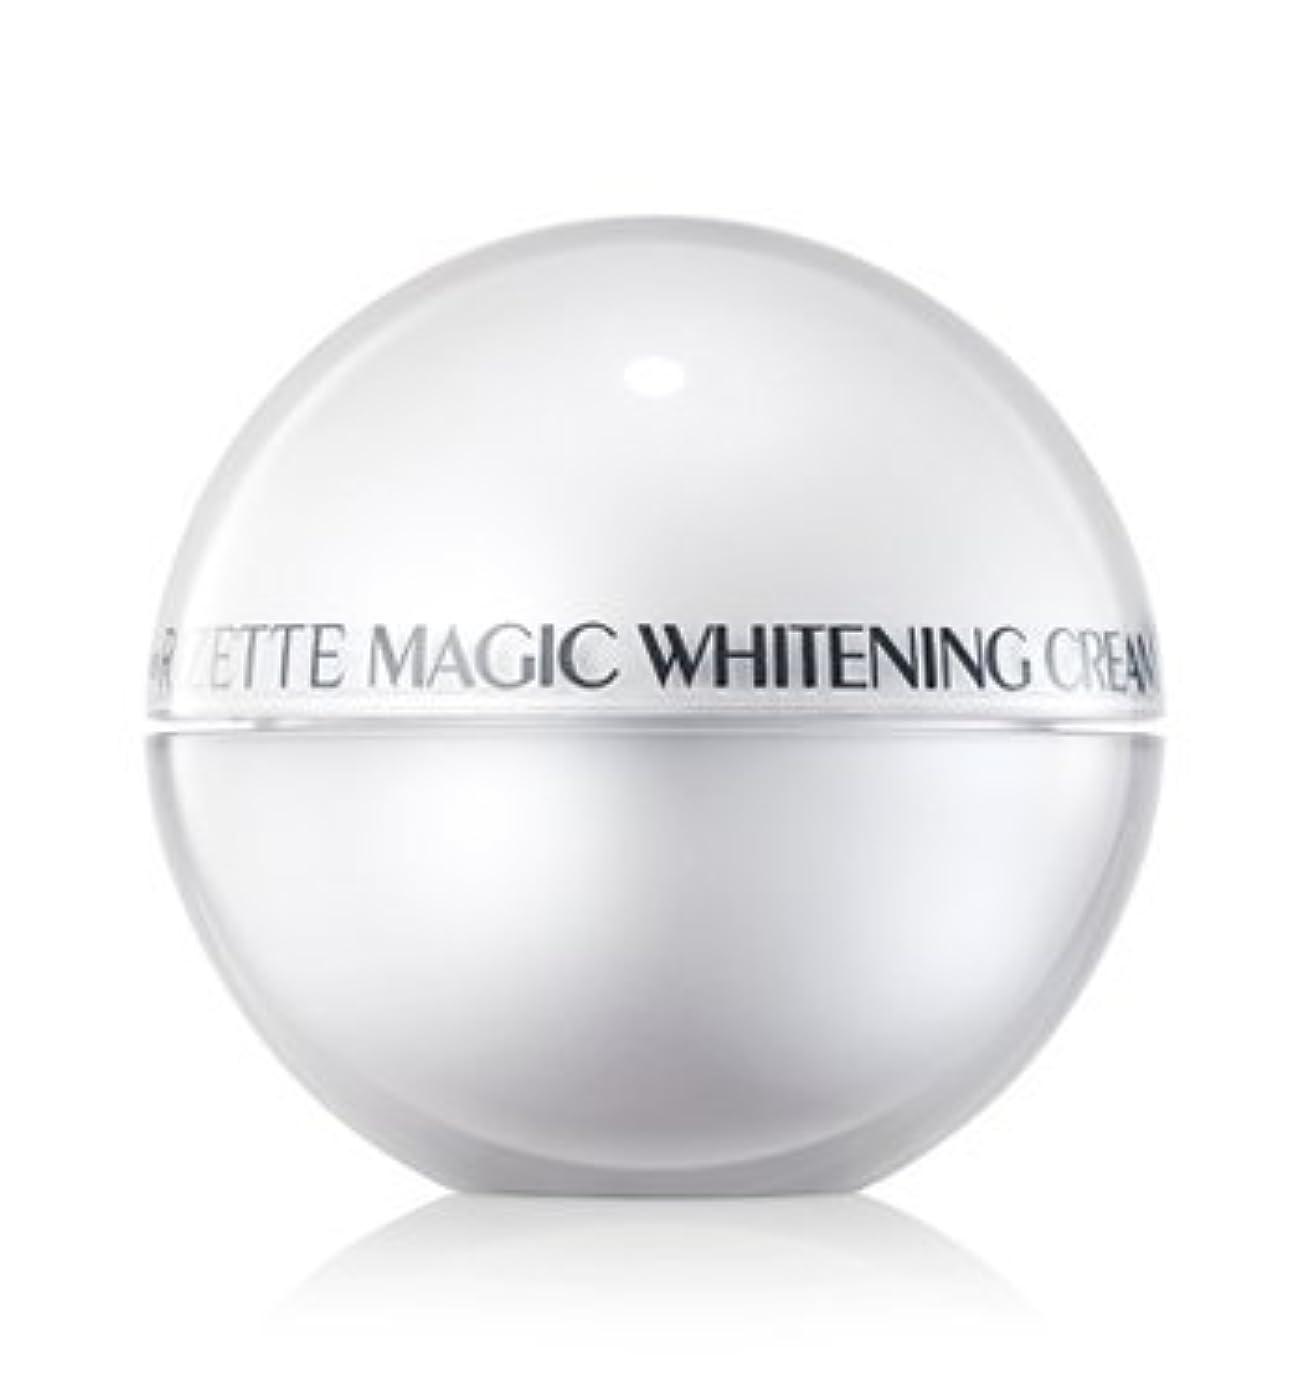 マークダウンジャグリング花輪リオエリ(Lioele) Rizette マジック ホワイトニング クリーム プラス/ Lioele Rizette Magic Whitening Cream Plus[並行輸入品]